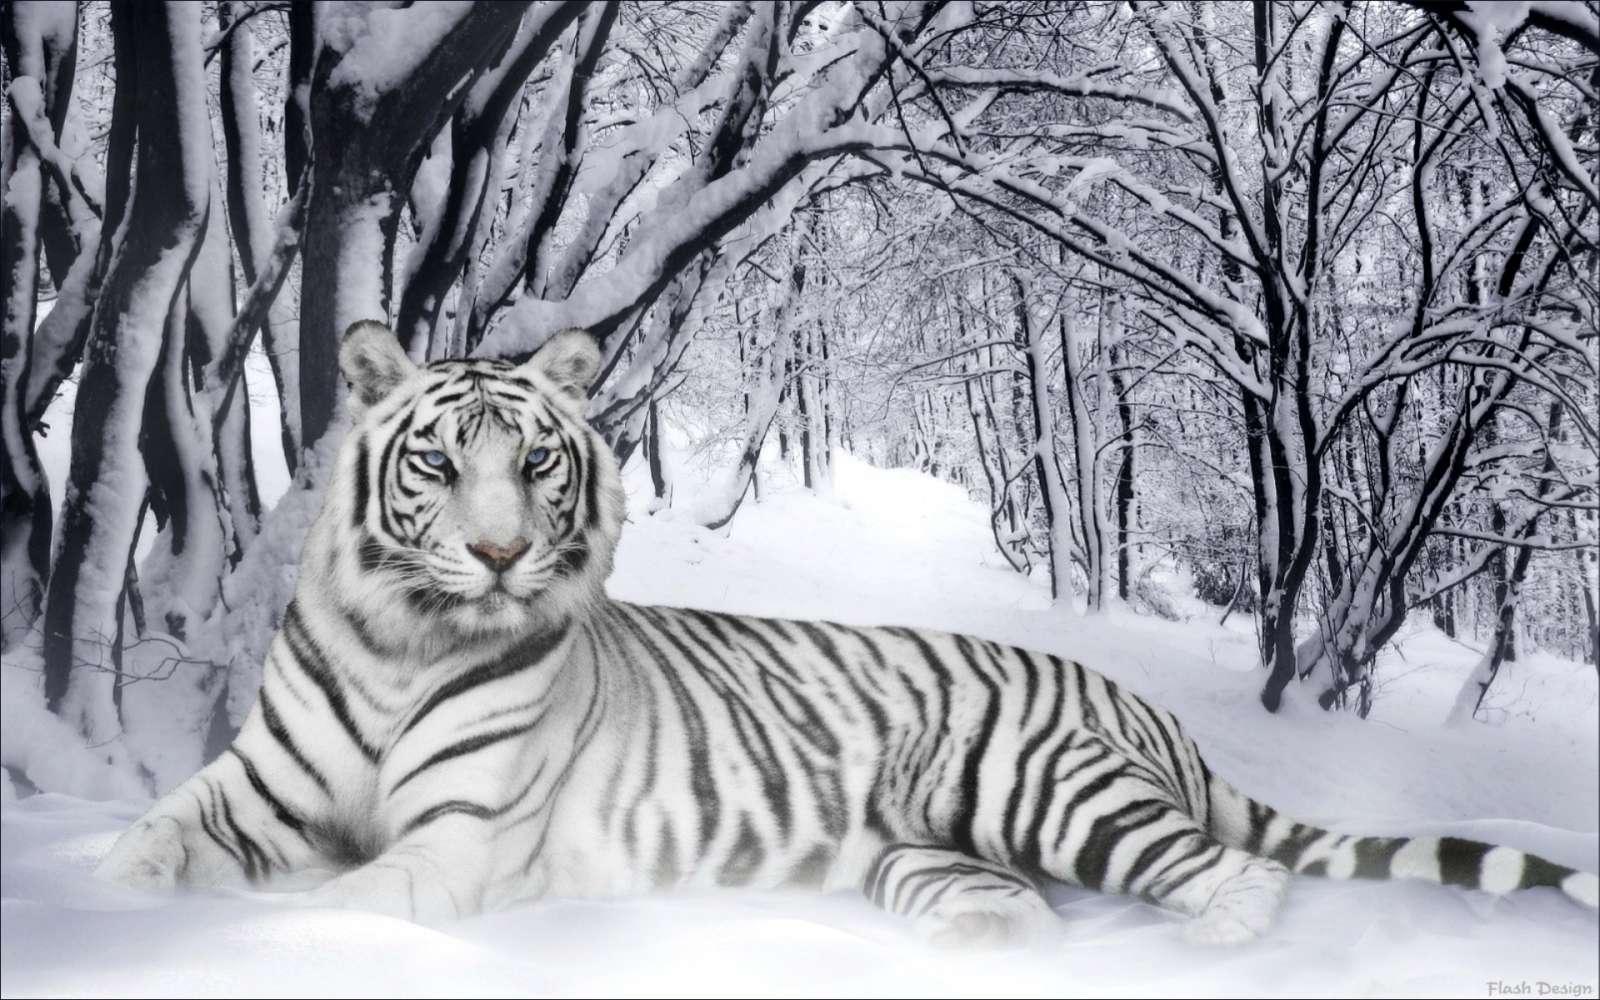 http://1.bp.blogspot.com/_pqrOwjNSIRM/S-LzNUADbhI/AAAAAAAAADM/99ohJE_zgkM/s1600/897-animals_tiger_white_tiger_wallpaper_1600x1200.jpg